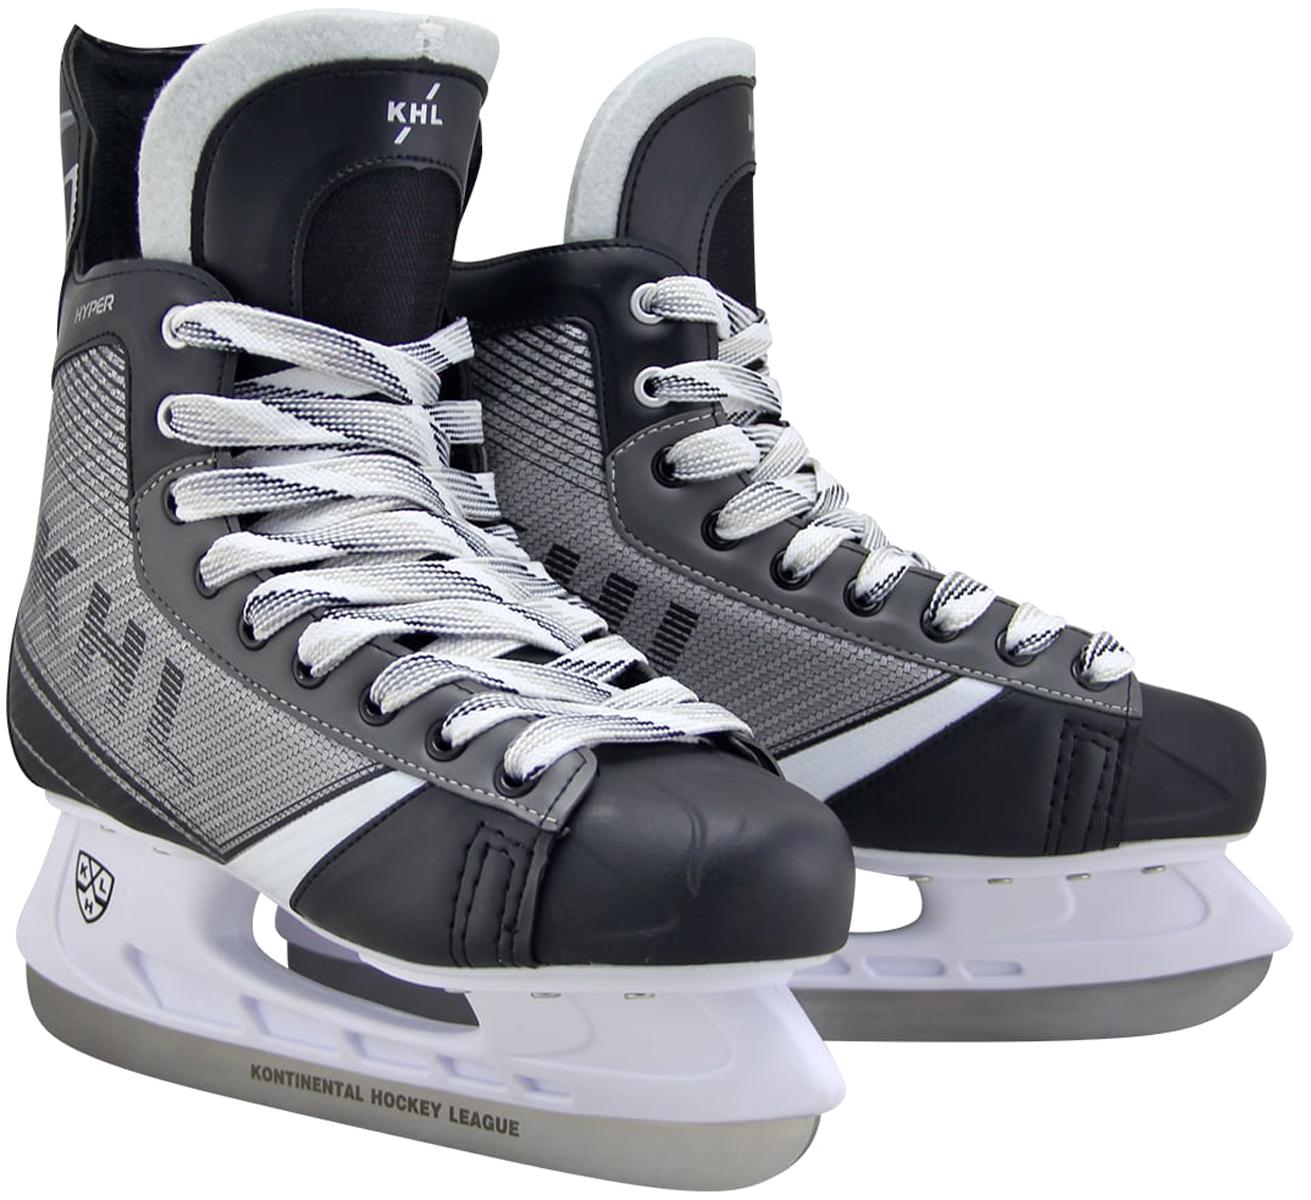 Коньки хоккейные мужские KHL Hyper, цвет: серый, черный, белый. Размер 44УТ-00010445Хоккейные коньки KHL Hyper являются официальной лицензионной продукцией Континентальной Хоккейной Лиги (КХЛ). Это прекрасная любительская модель коньков с уникальным стильным ассиметричным дизайном, выполненным в новой стилистической концепции КХЛ. Модель выполнена из износостойких материалов, устойчивых к порезам. Усиленная жесткость ботинка для более уверенного катания. Дополнительные вставки из EVA и MEMORY foam обеспечат комфорт. Лезвие выполнено из высокоуглеродистой стали с покрытием из никеля. Шнуровка надежно зафиксирует модель на ноге.Коньки подходят для использования на открытом и закрытом льду.